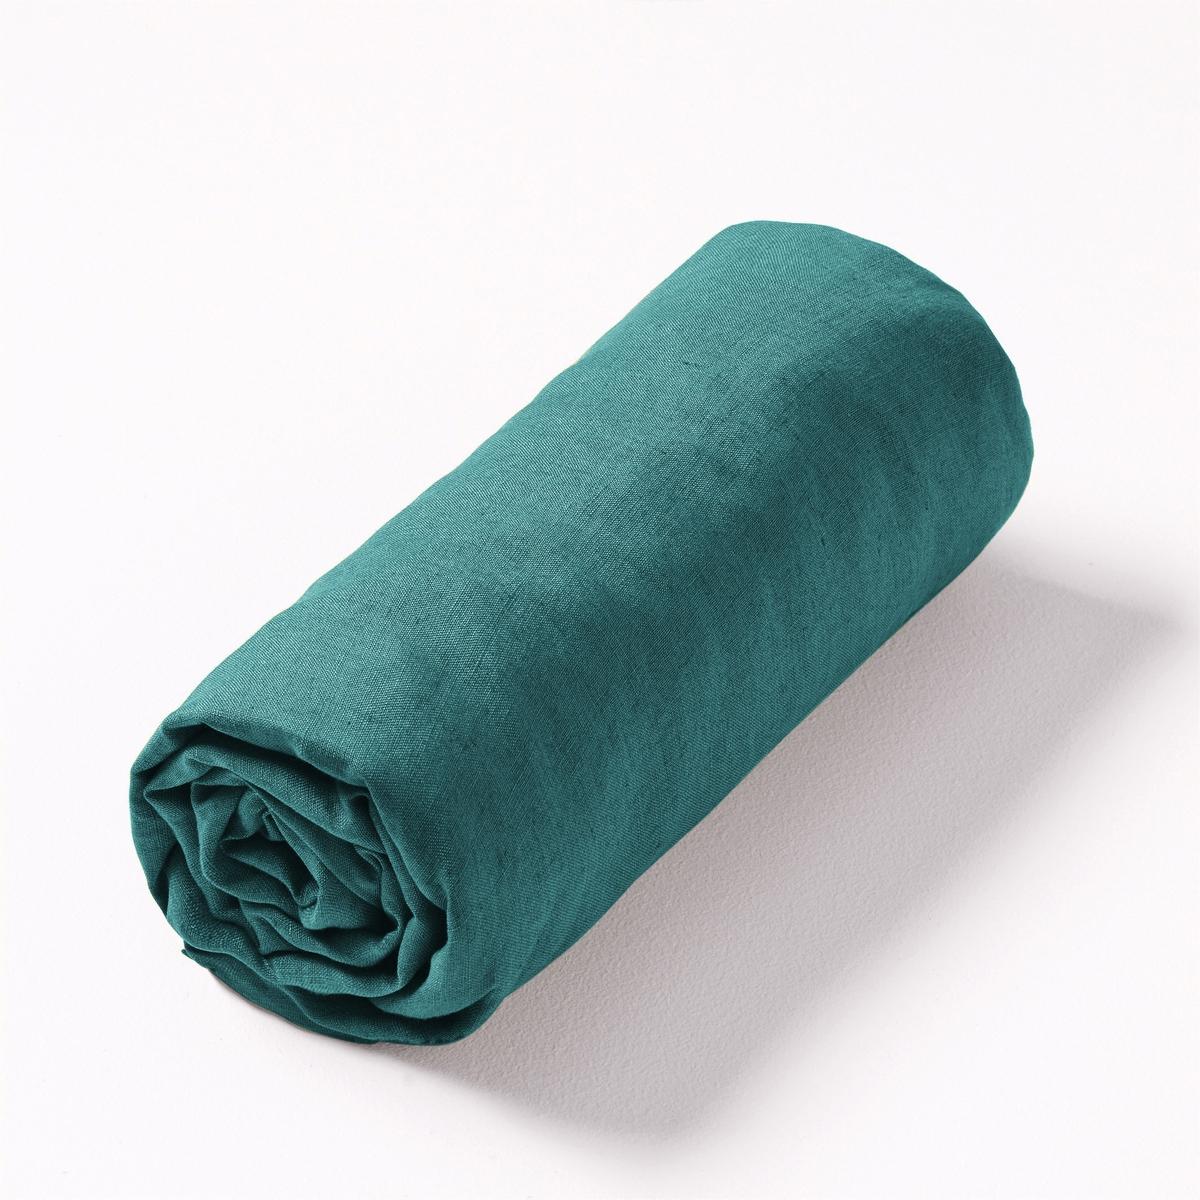 Простыня натяжная льняная Elina100% лен. Ткань с легким жатым эффектом не требует глажки, проста в уходе, становится более мягкой и нежной с течением времени.Состав :- 100% лен.Отделка :- Подходит для матраса толщиной 25 см.Уход :- Стирка при 40°.Размеры :90 x 190 см : 1-сп.140 x 190 см : 1-сп.160 x 200 см : 2-сп.180 x 200 см : 2-сп.Знак Oeko-Tex® гарантирует, что товары протестированы, сертифицированы и не содержат вредных для здоровья веществ.<br><br>Цвет: антрацит,белый,бледно-розовый,желтый карри,зеленый шалфей,красный карминный,лаймовый,розовый малиновый,розовый,светло-синий,серо-бежевый,серый,синий индиго,синий,темно-бирюзовый,темно-зеленый,темно-синий,тыквенный,цвет неокрашенного льна,ягодный<br>Размер: 160 x 200  см.160 x 200  см.180 x 200  см.160 x 200  см